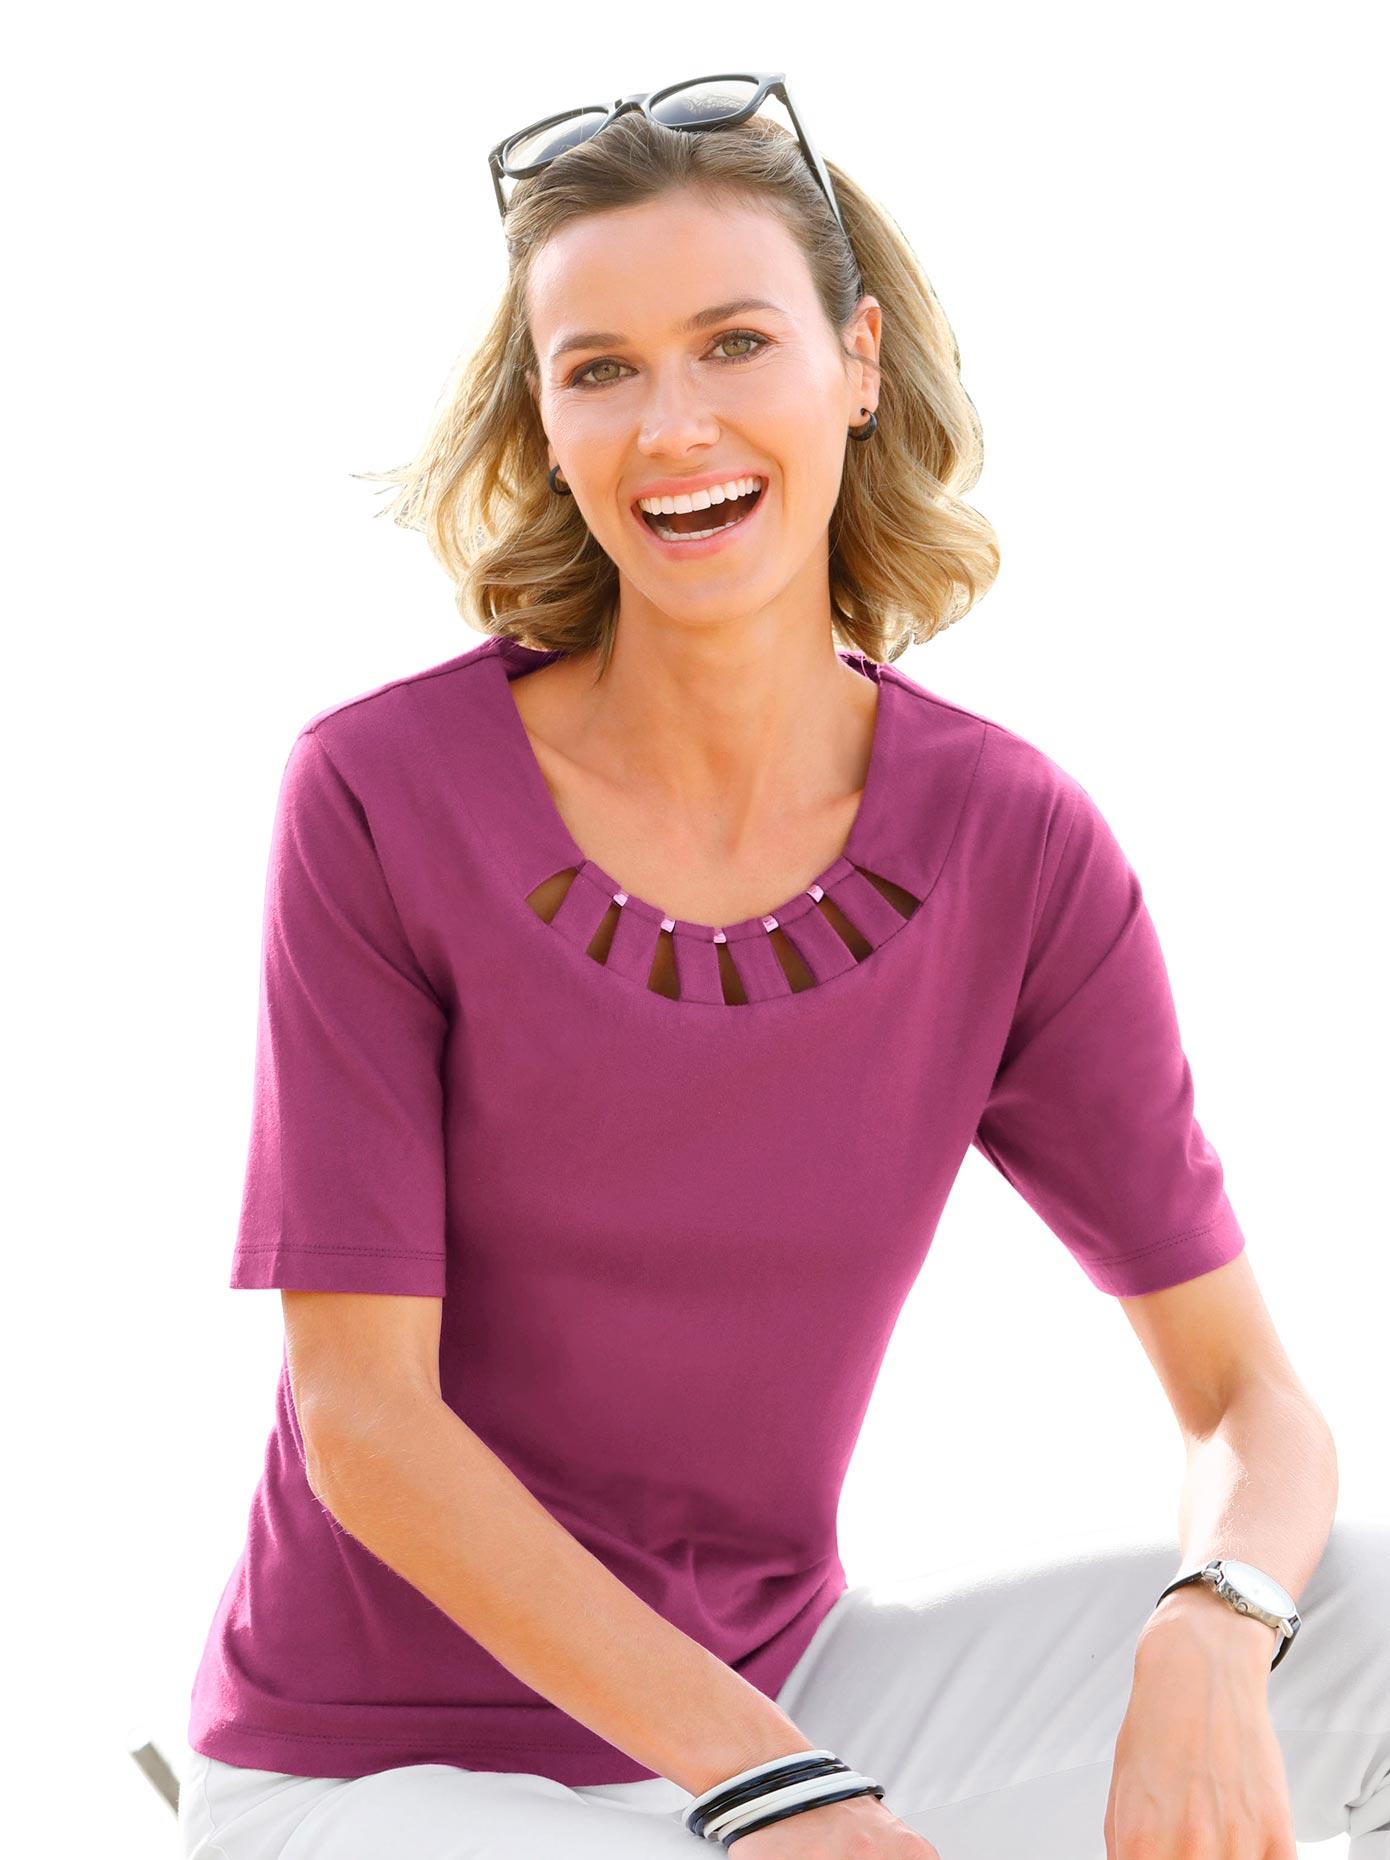 Casual Looks Shirt in hautverträglicher PURE WEAR-Qualität Damenmode/Inspiration/Klassische Mode/Shirts & Sweats/T-Shirts